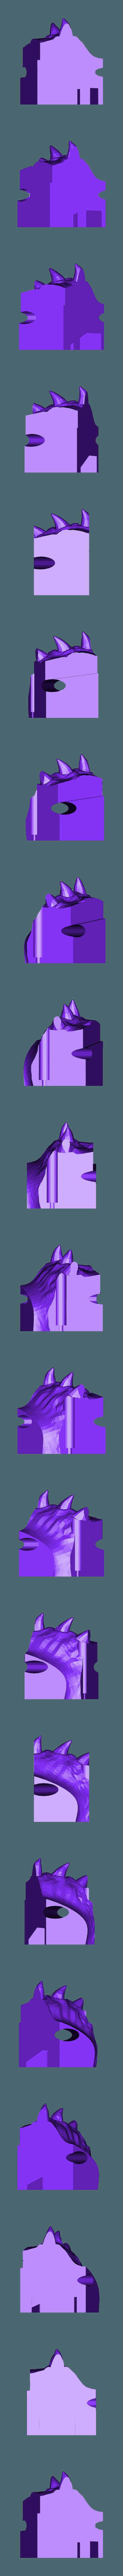 GADGETS torso pt13 .stl Download free STL file GADGET the robotic Gremlin • 3D printing object, atarka3